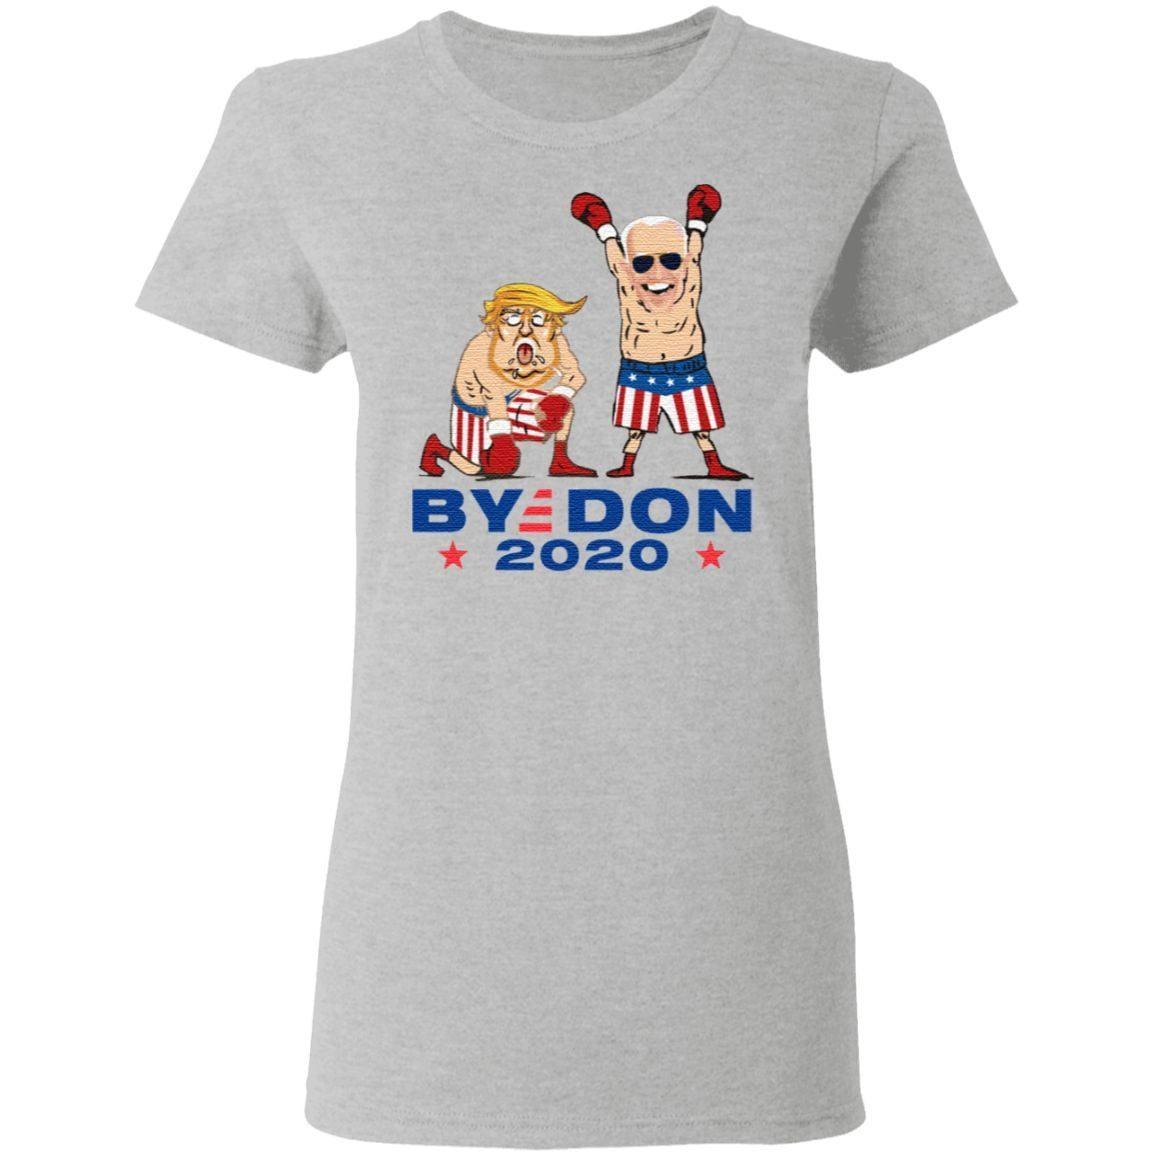 Bye Don 2020 T-Shirt